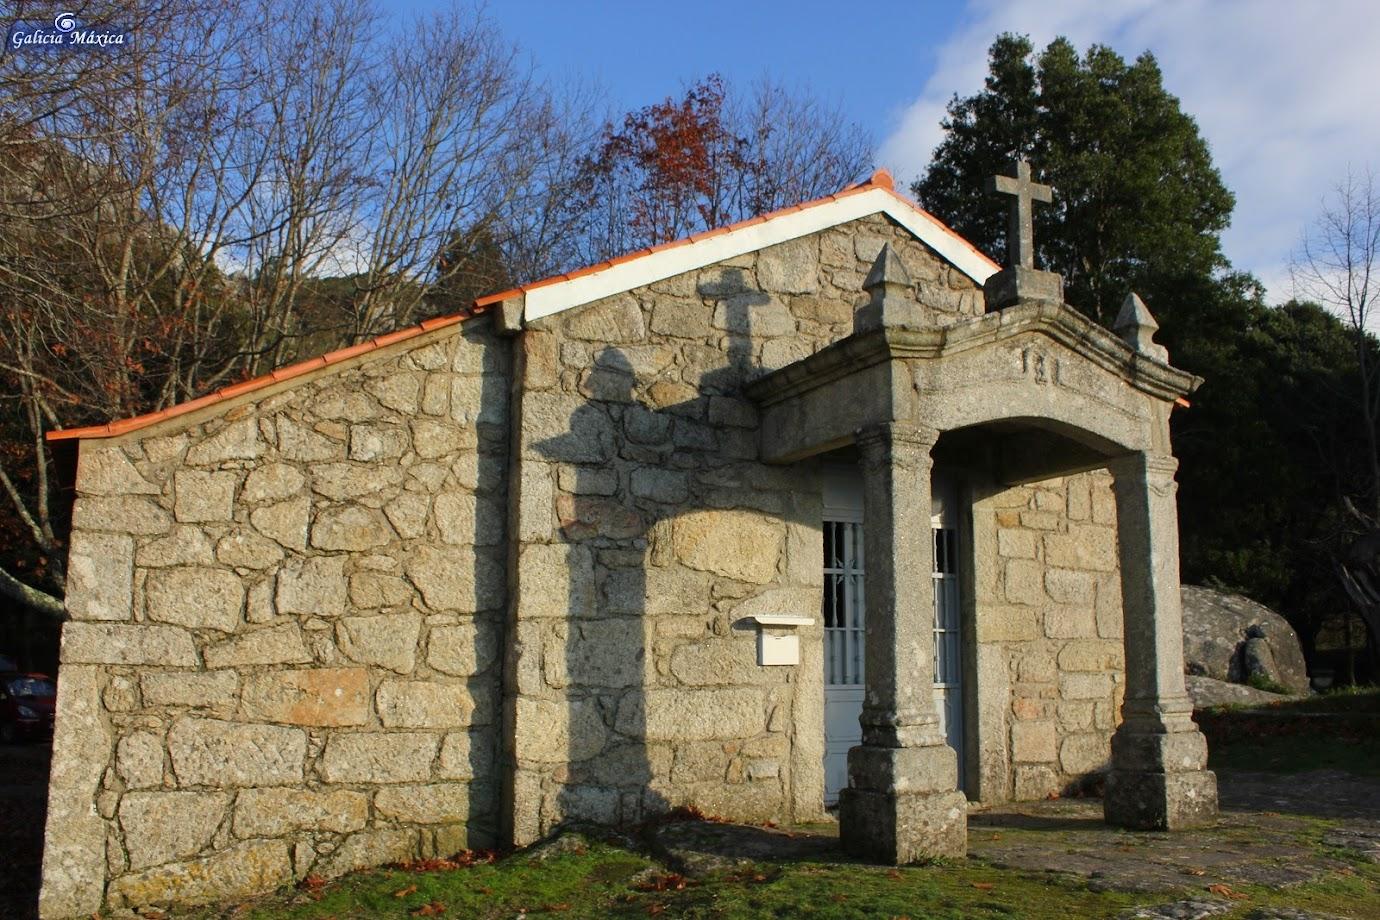 Capela da Senhora da Encarnação | GALICIA MÁXICA